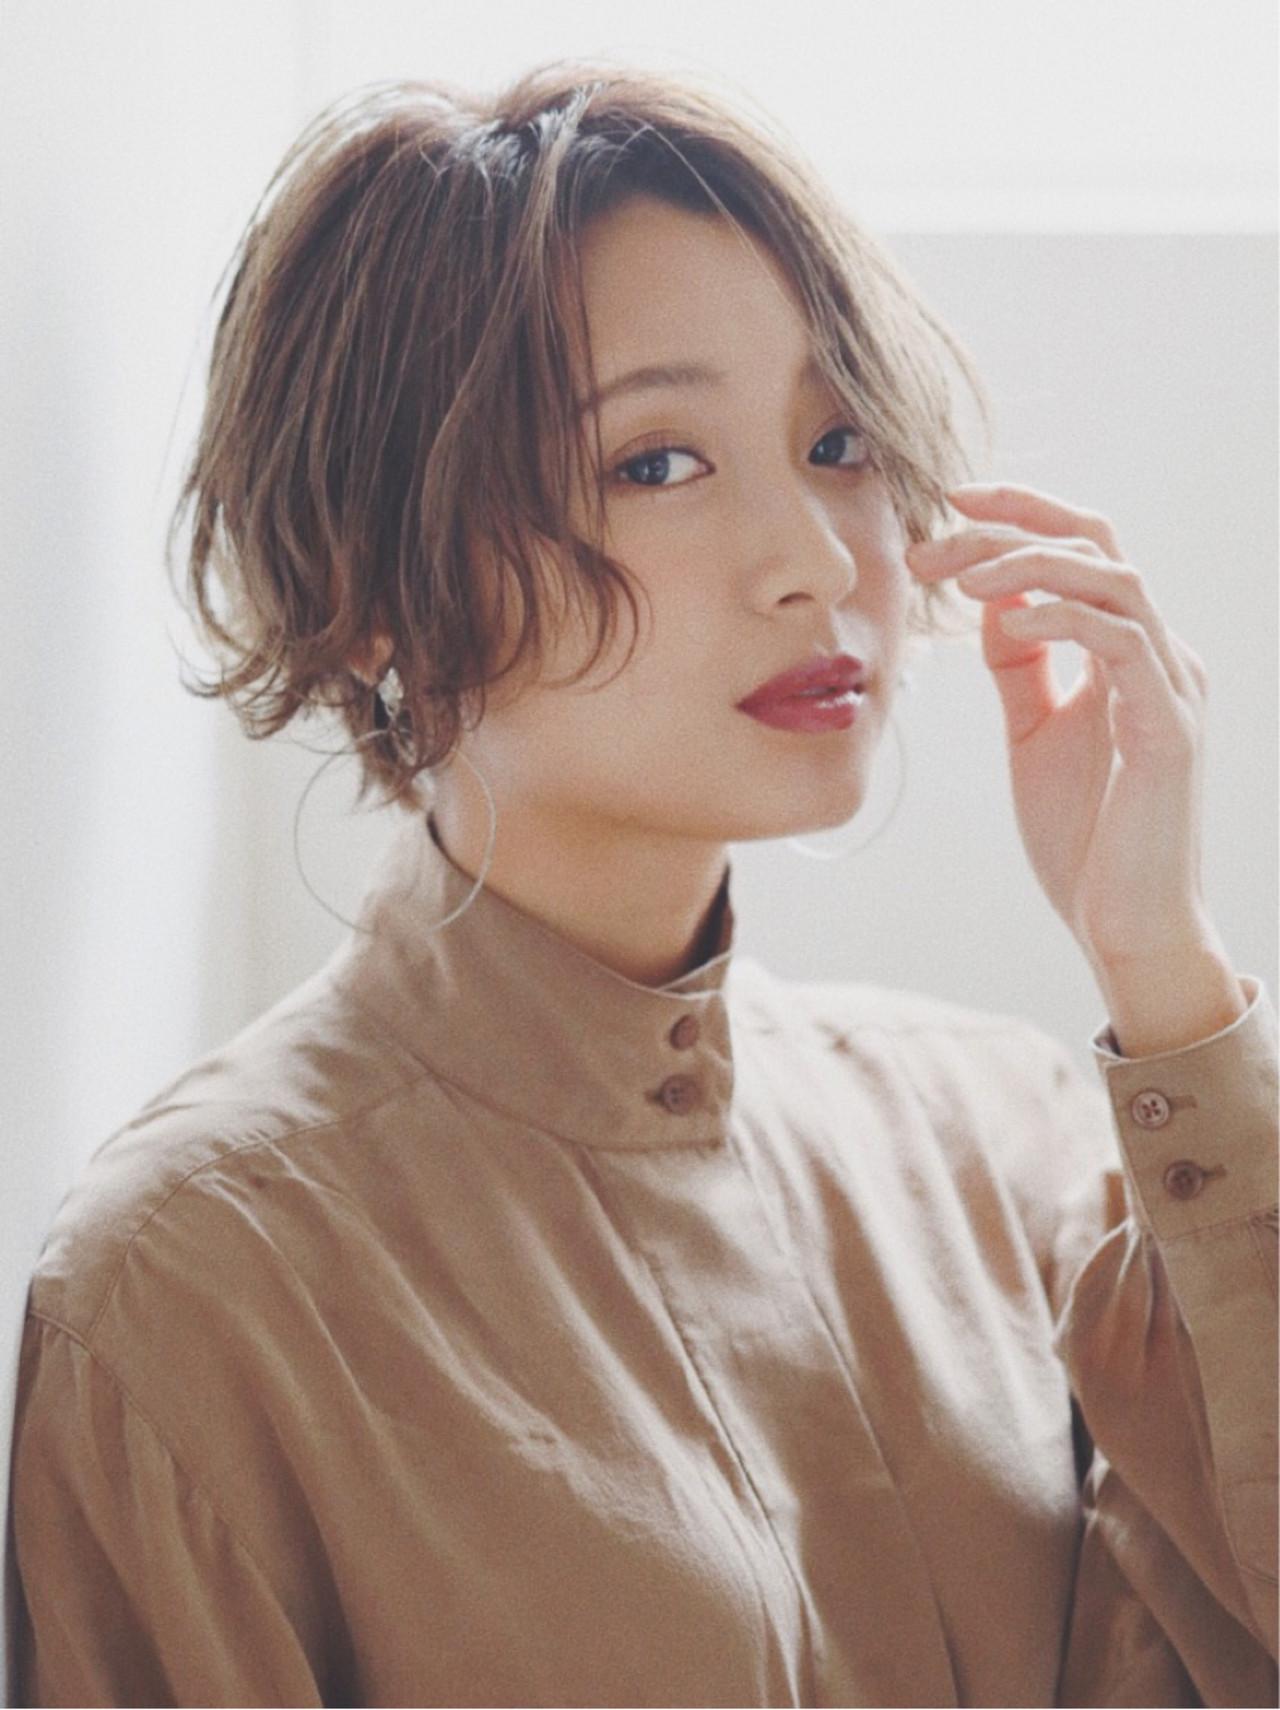 ミルクティーベージュ ワンレングス ショートボブ ショート ヘアスタイルや髪型の写真・画像 | ニシムラ カナ / La familia